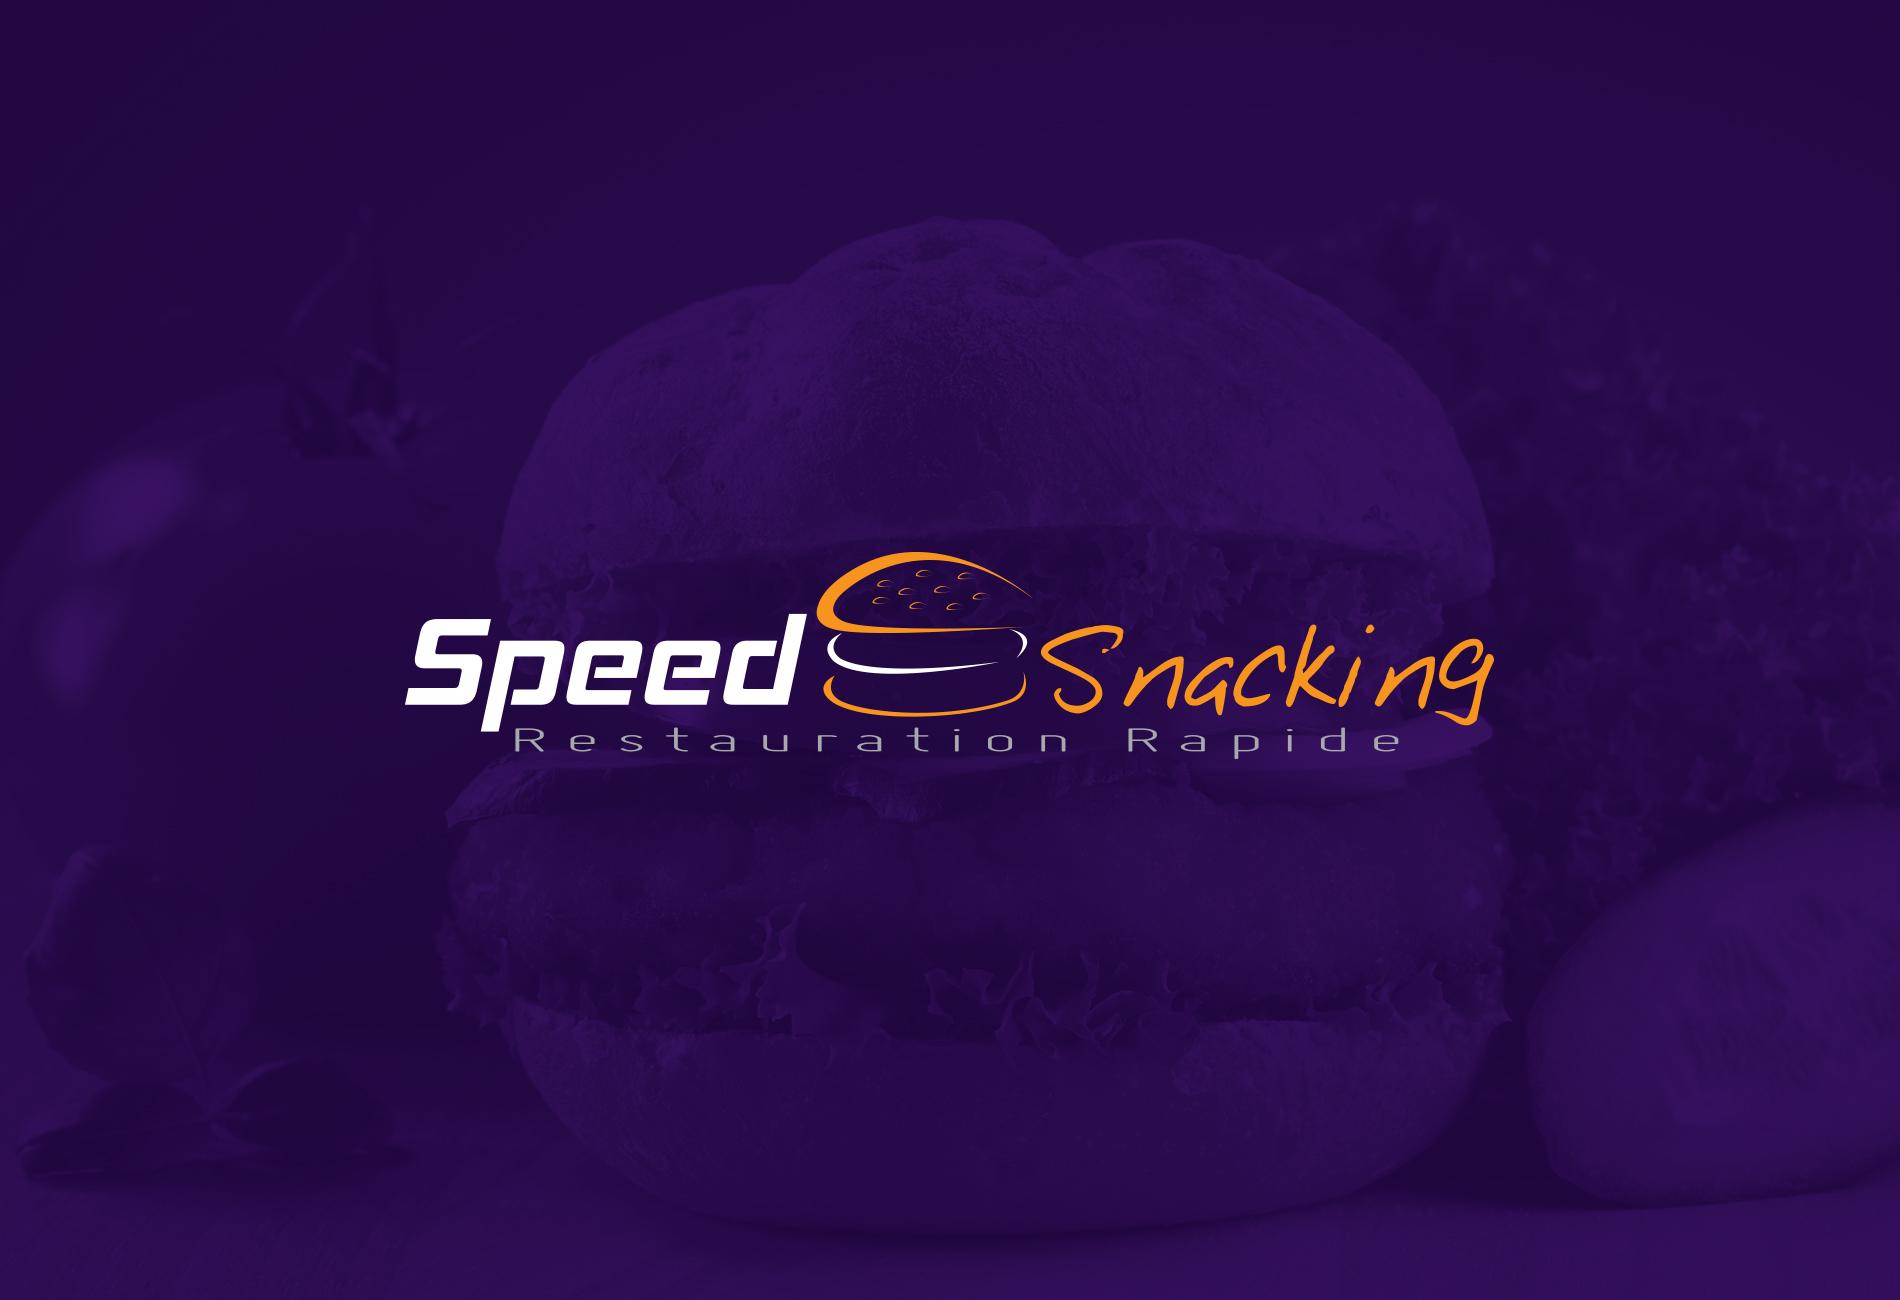 speed snacking logo